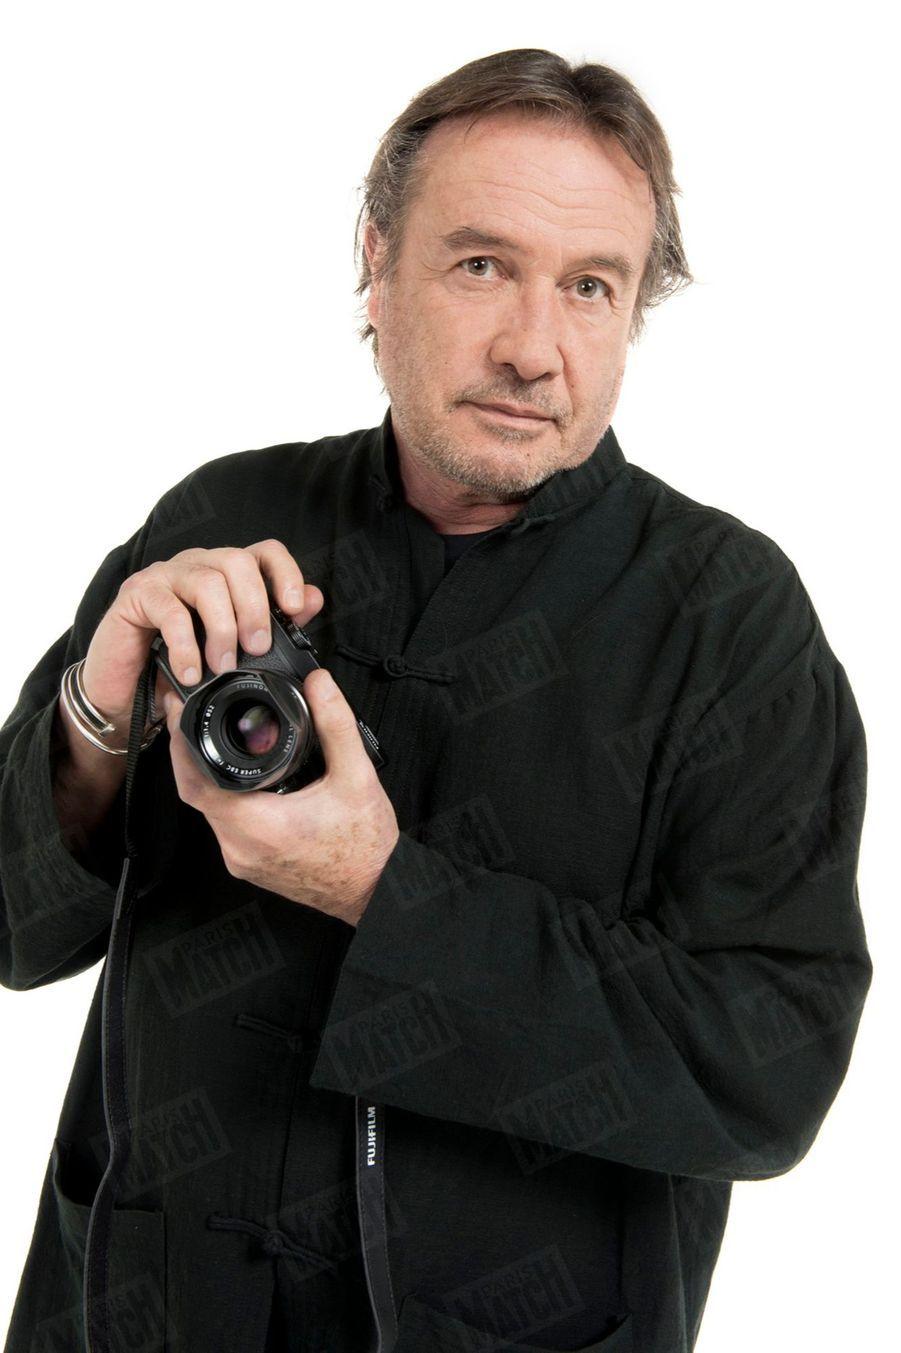 Patrick Bruchet en 2012. Le photographe de Paris Match est décédé à l'âge de 66 ans.